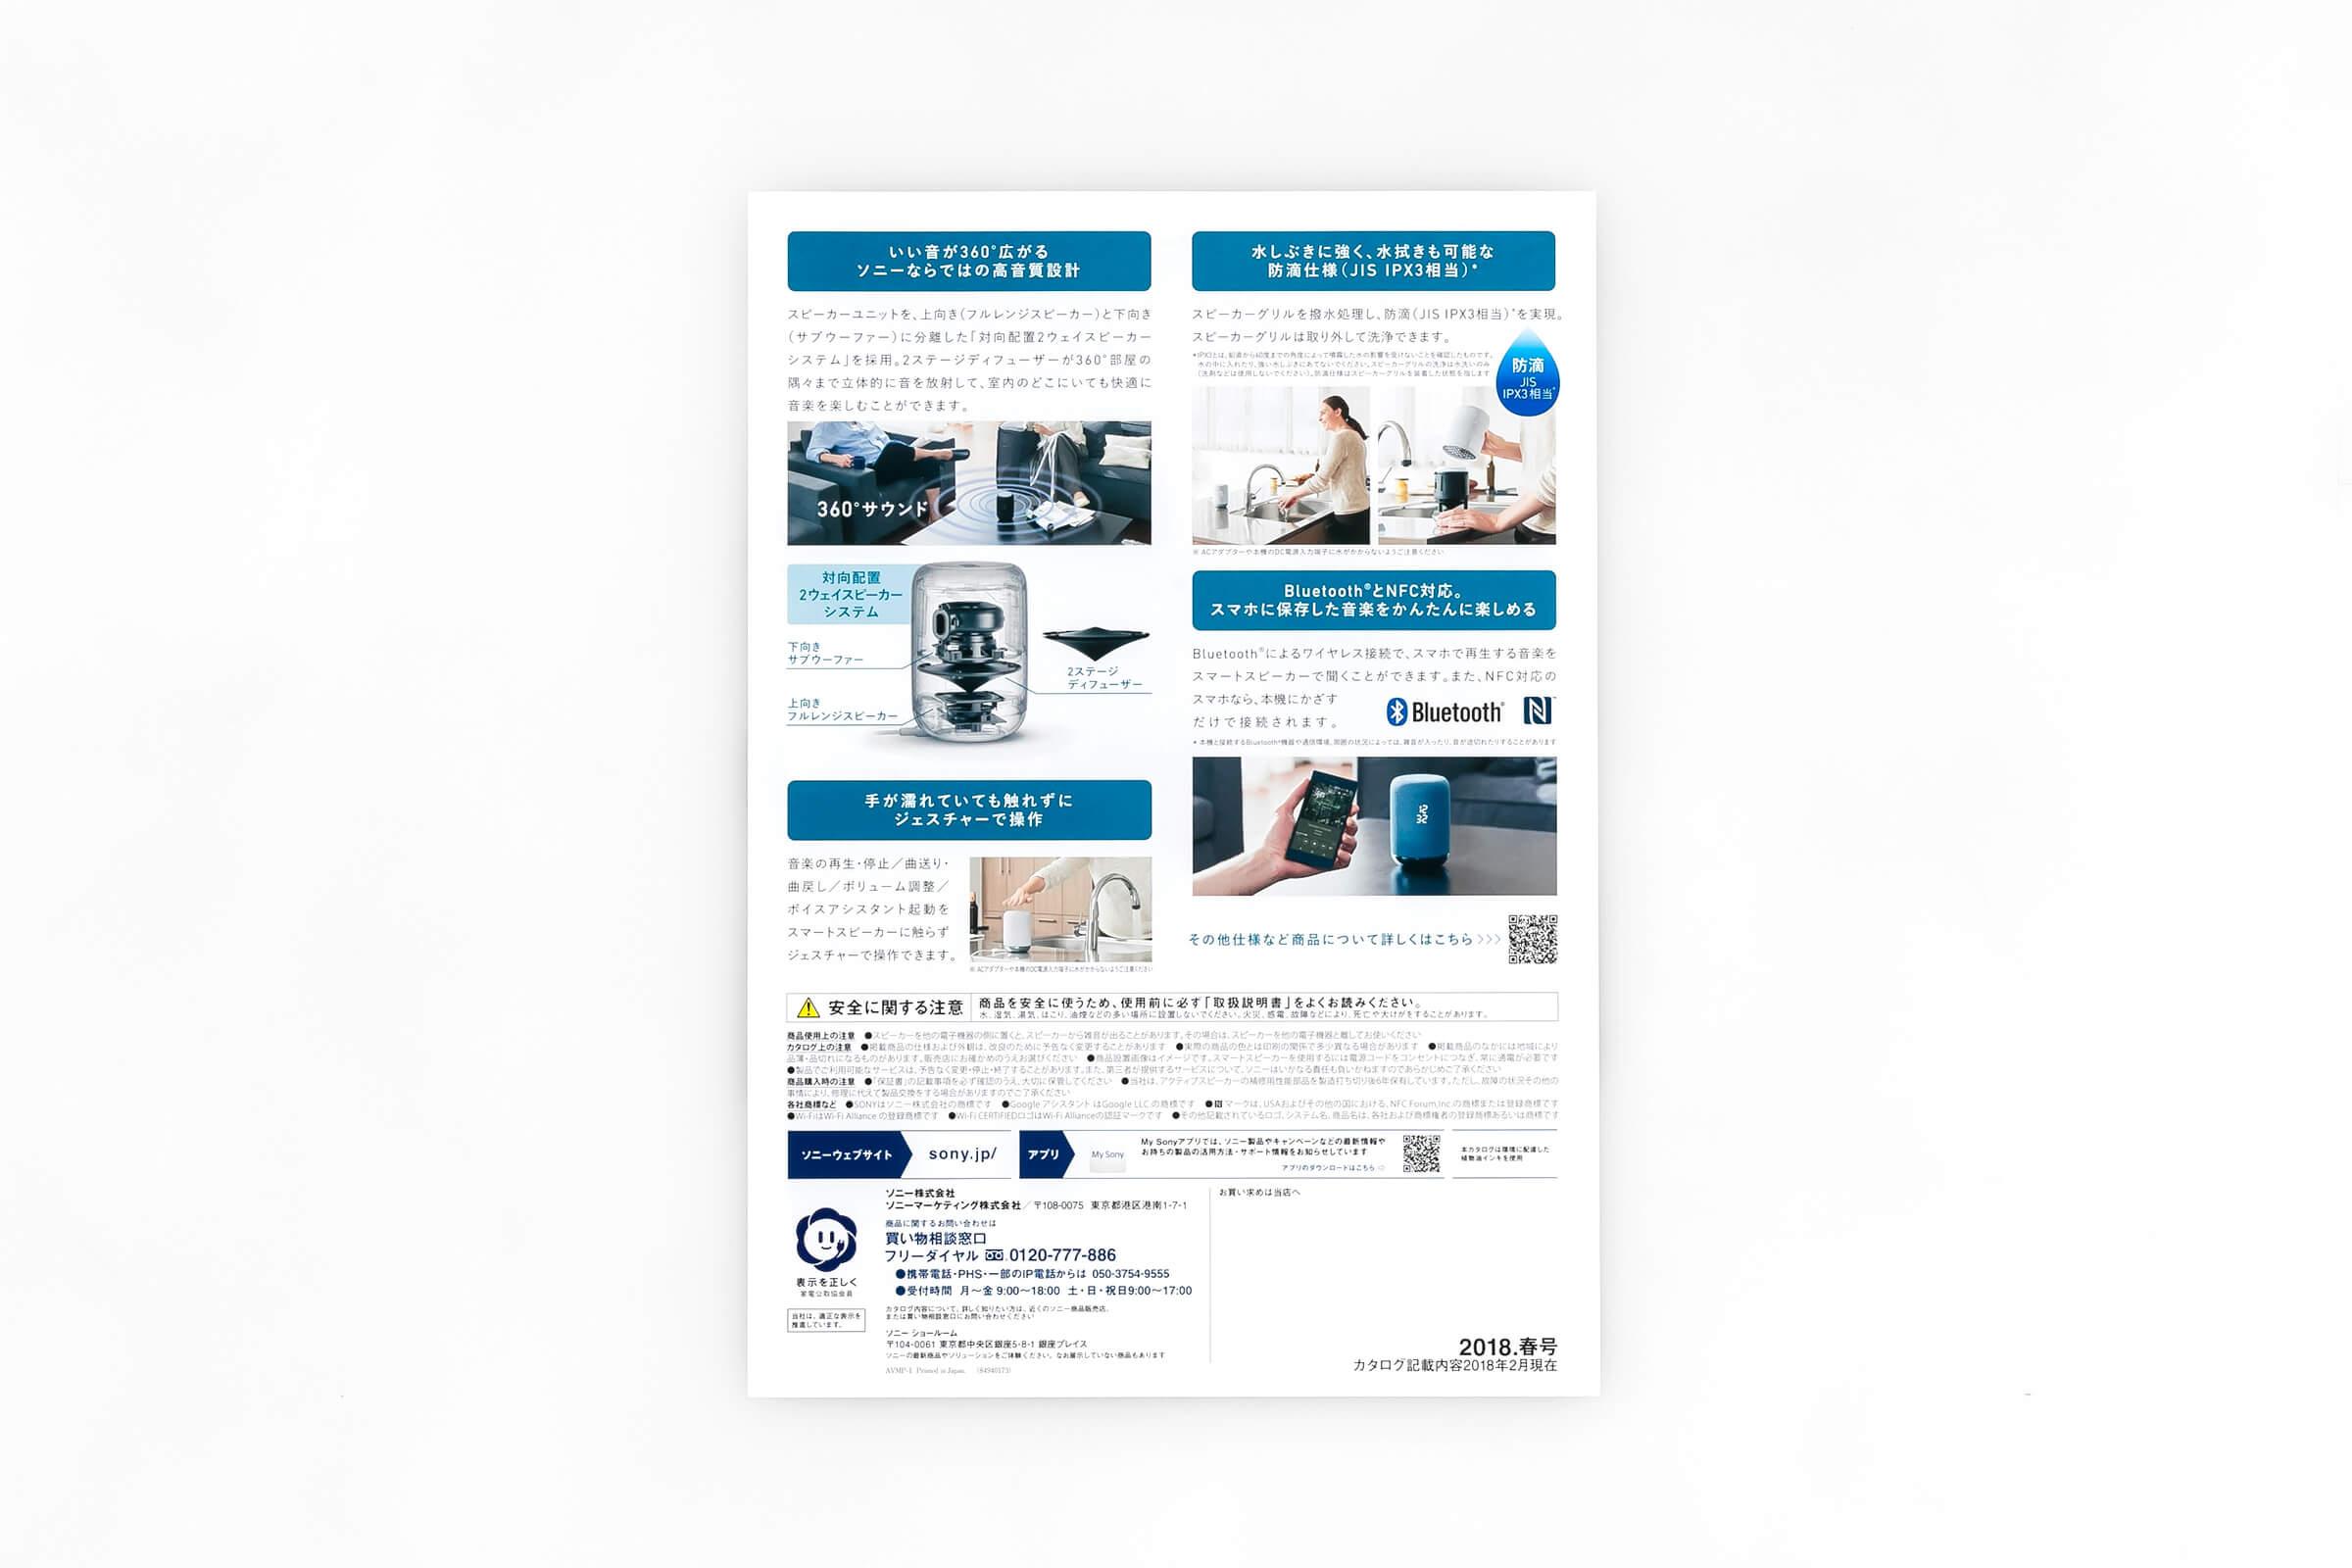 スマートスピーカー(AIスピーカー)LF-S50G 商品カタログ 裏面